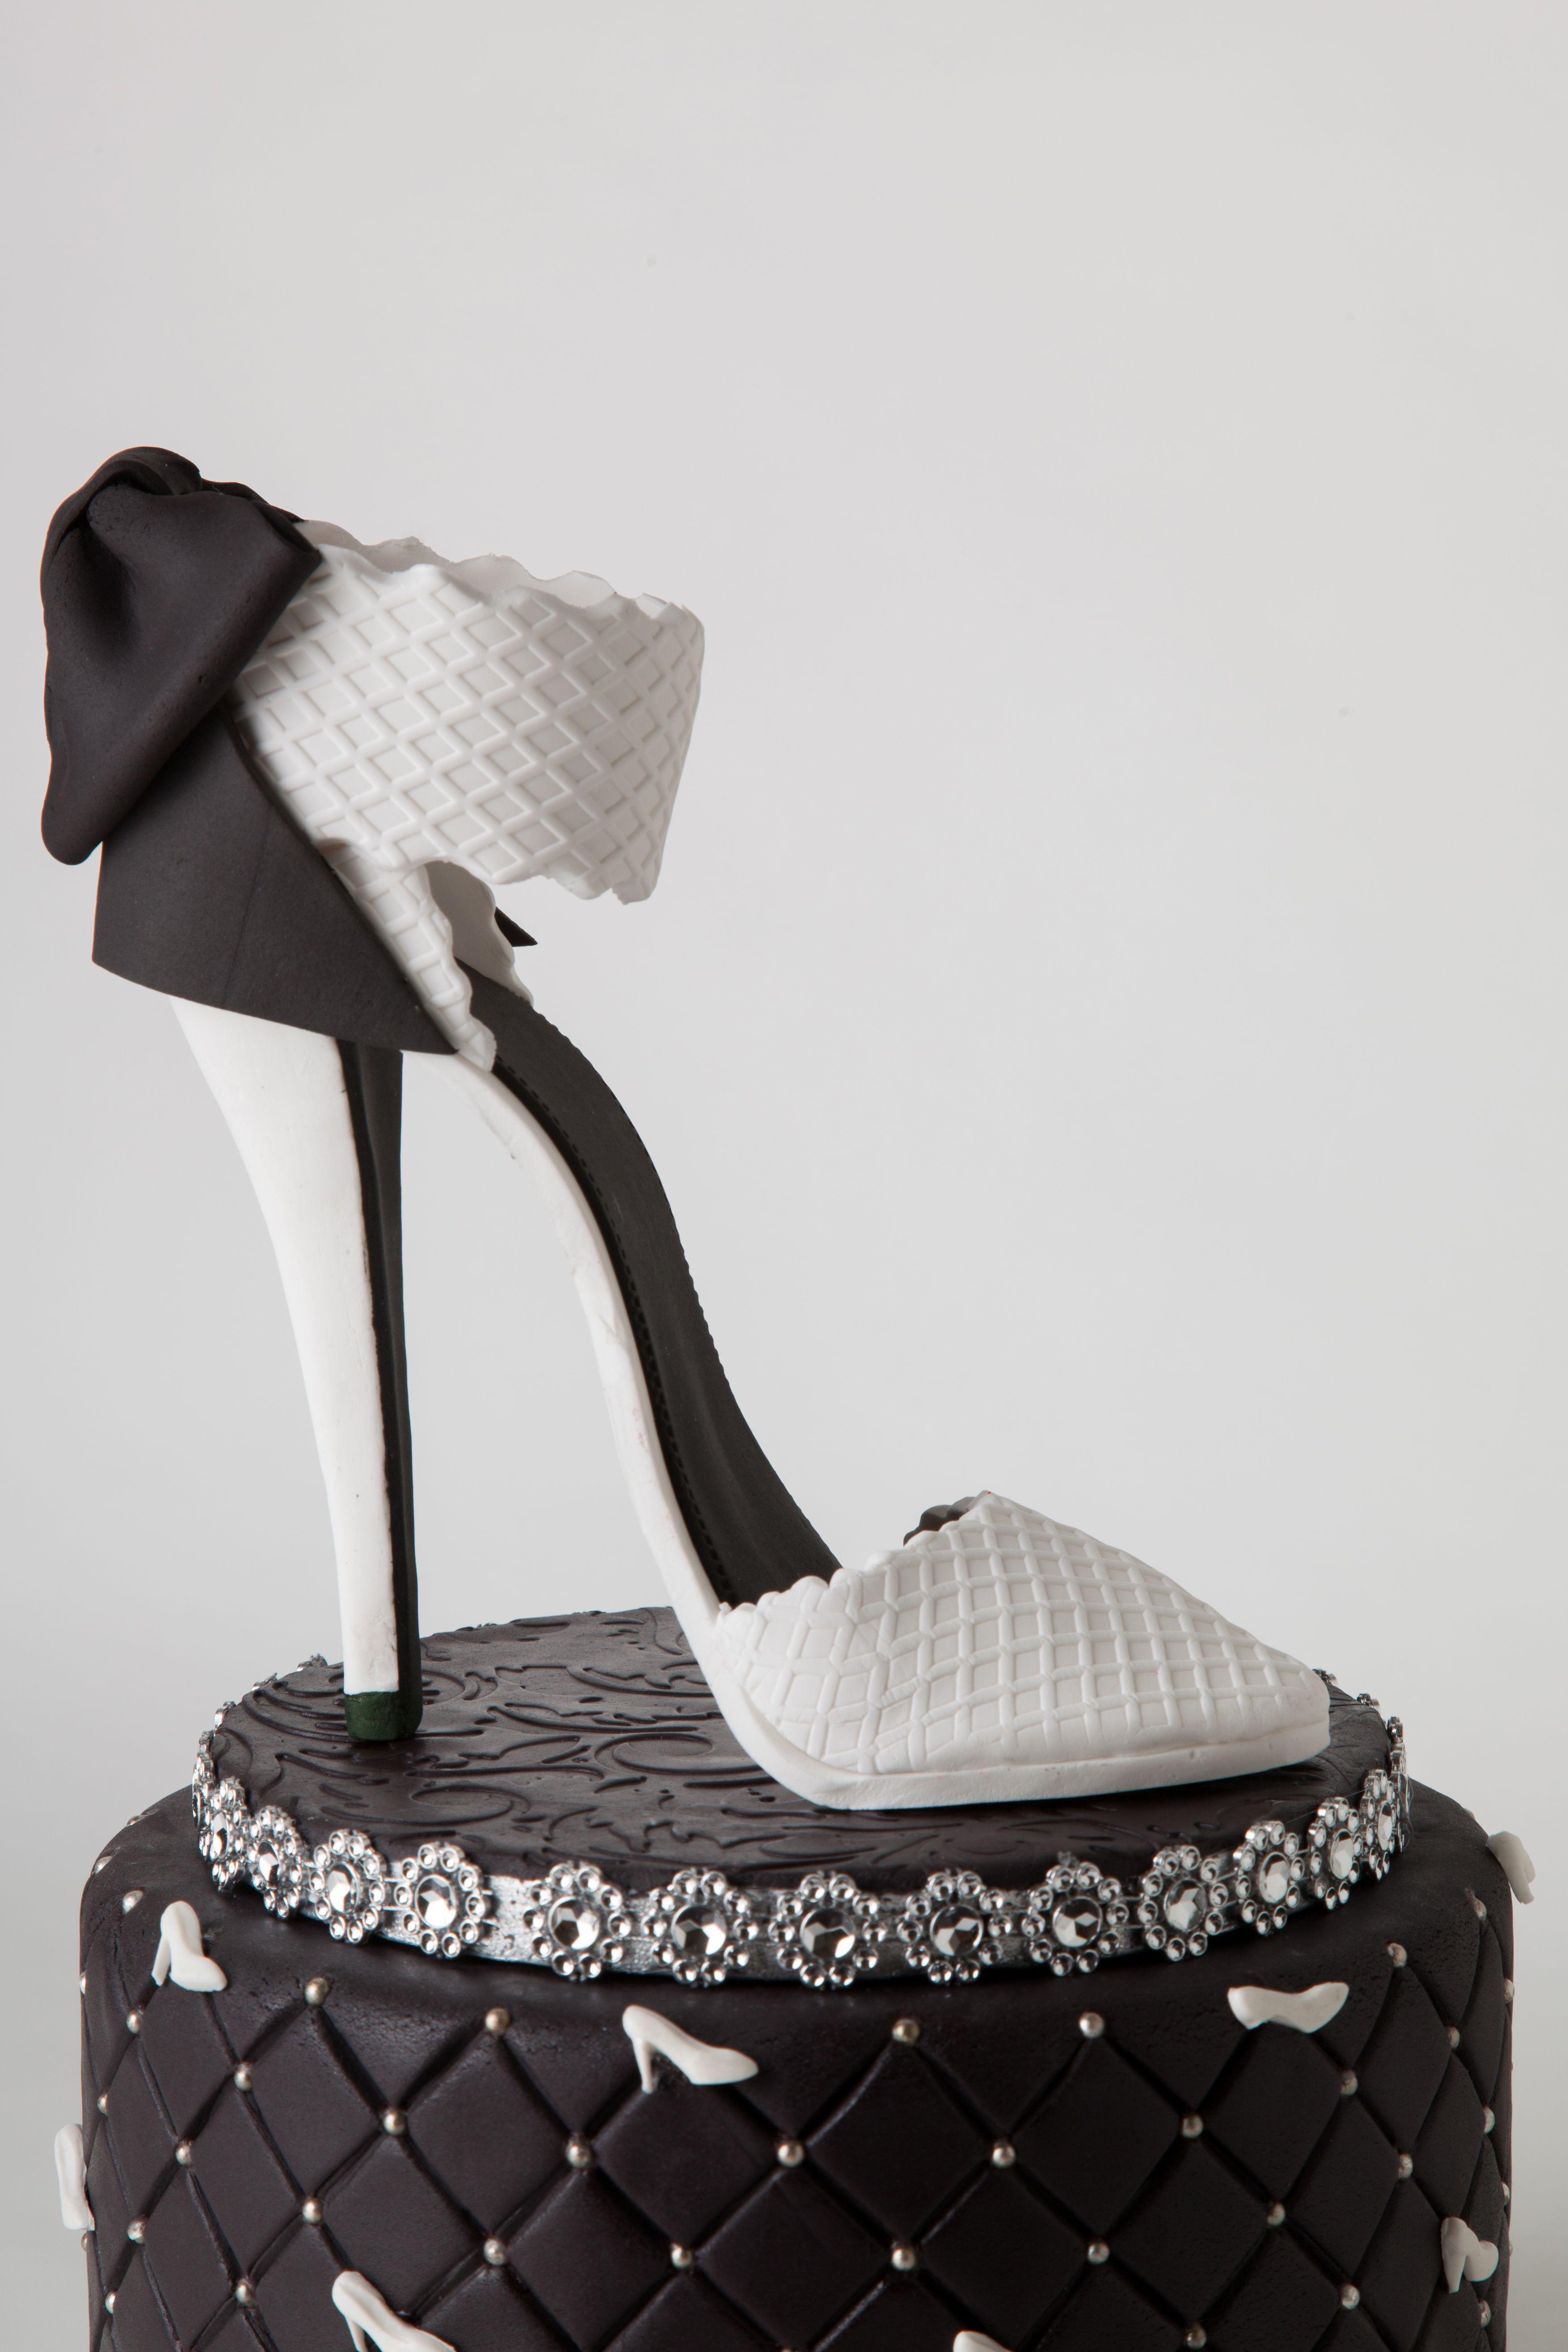 Stiletto High Heel Shoe Kit by NY CAKE Cake decorating ...